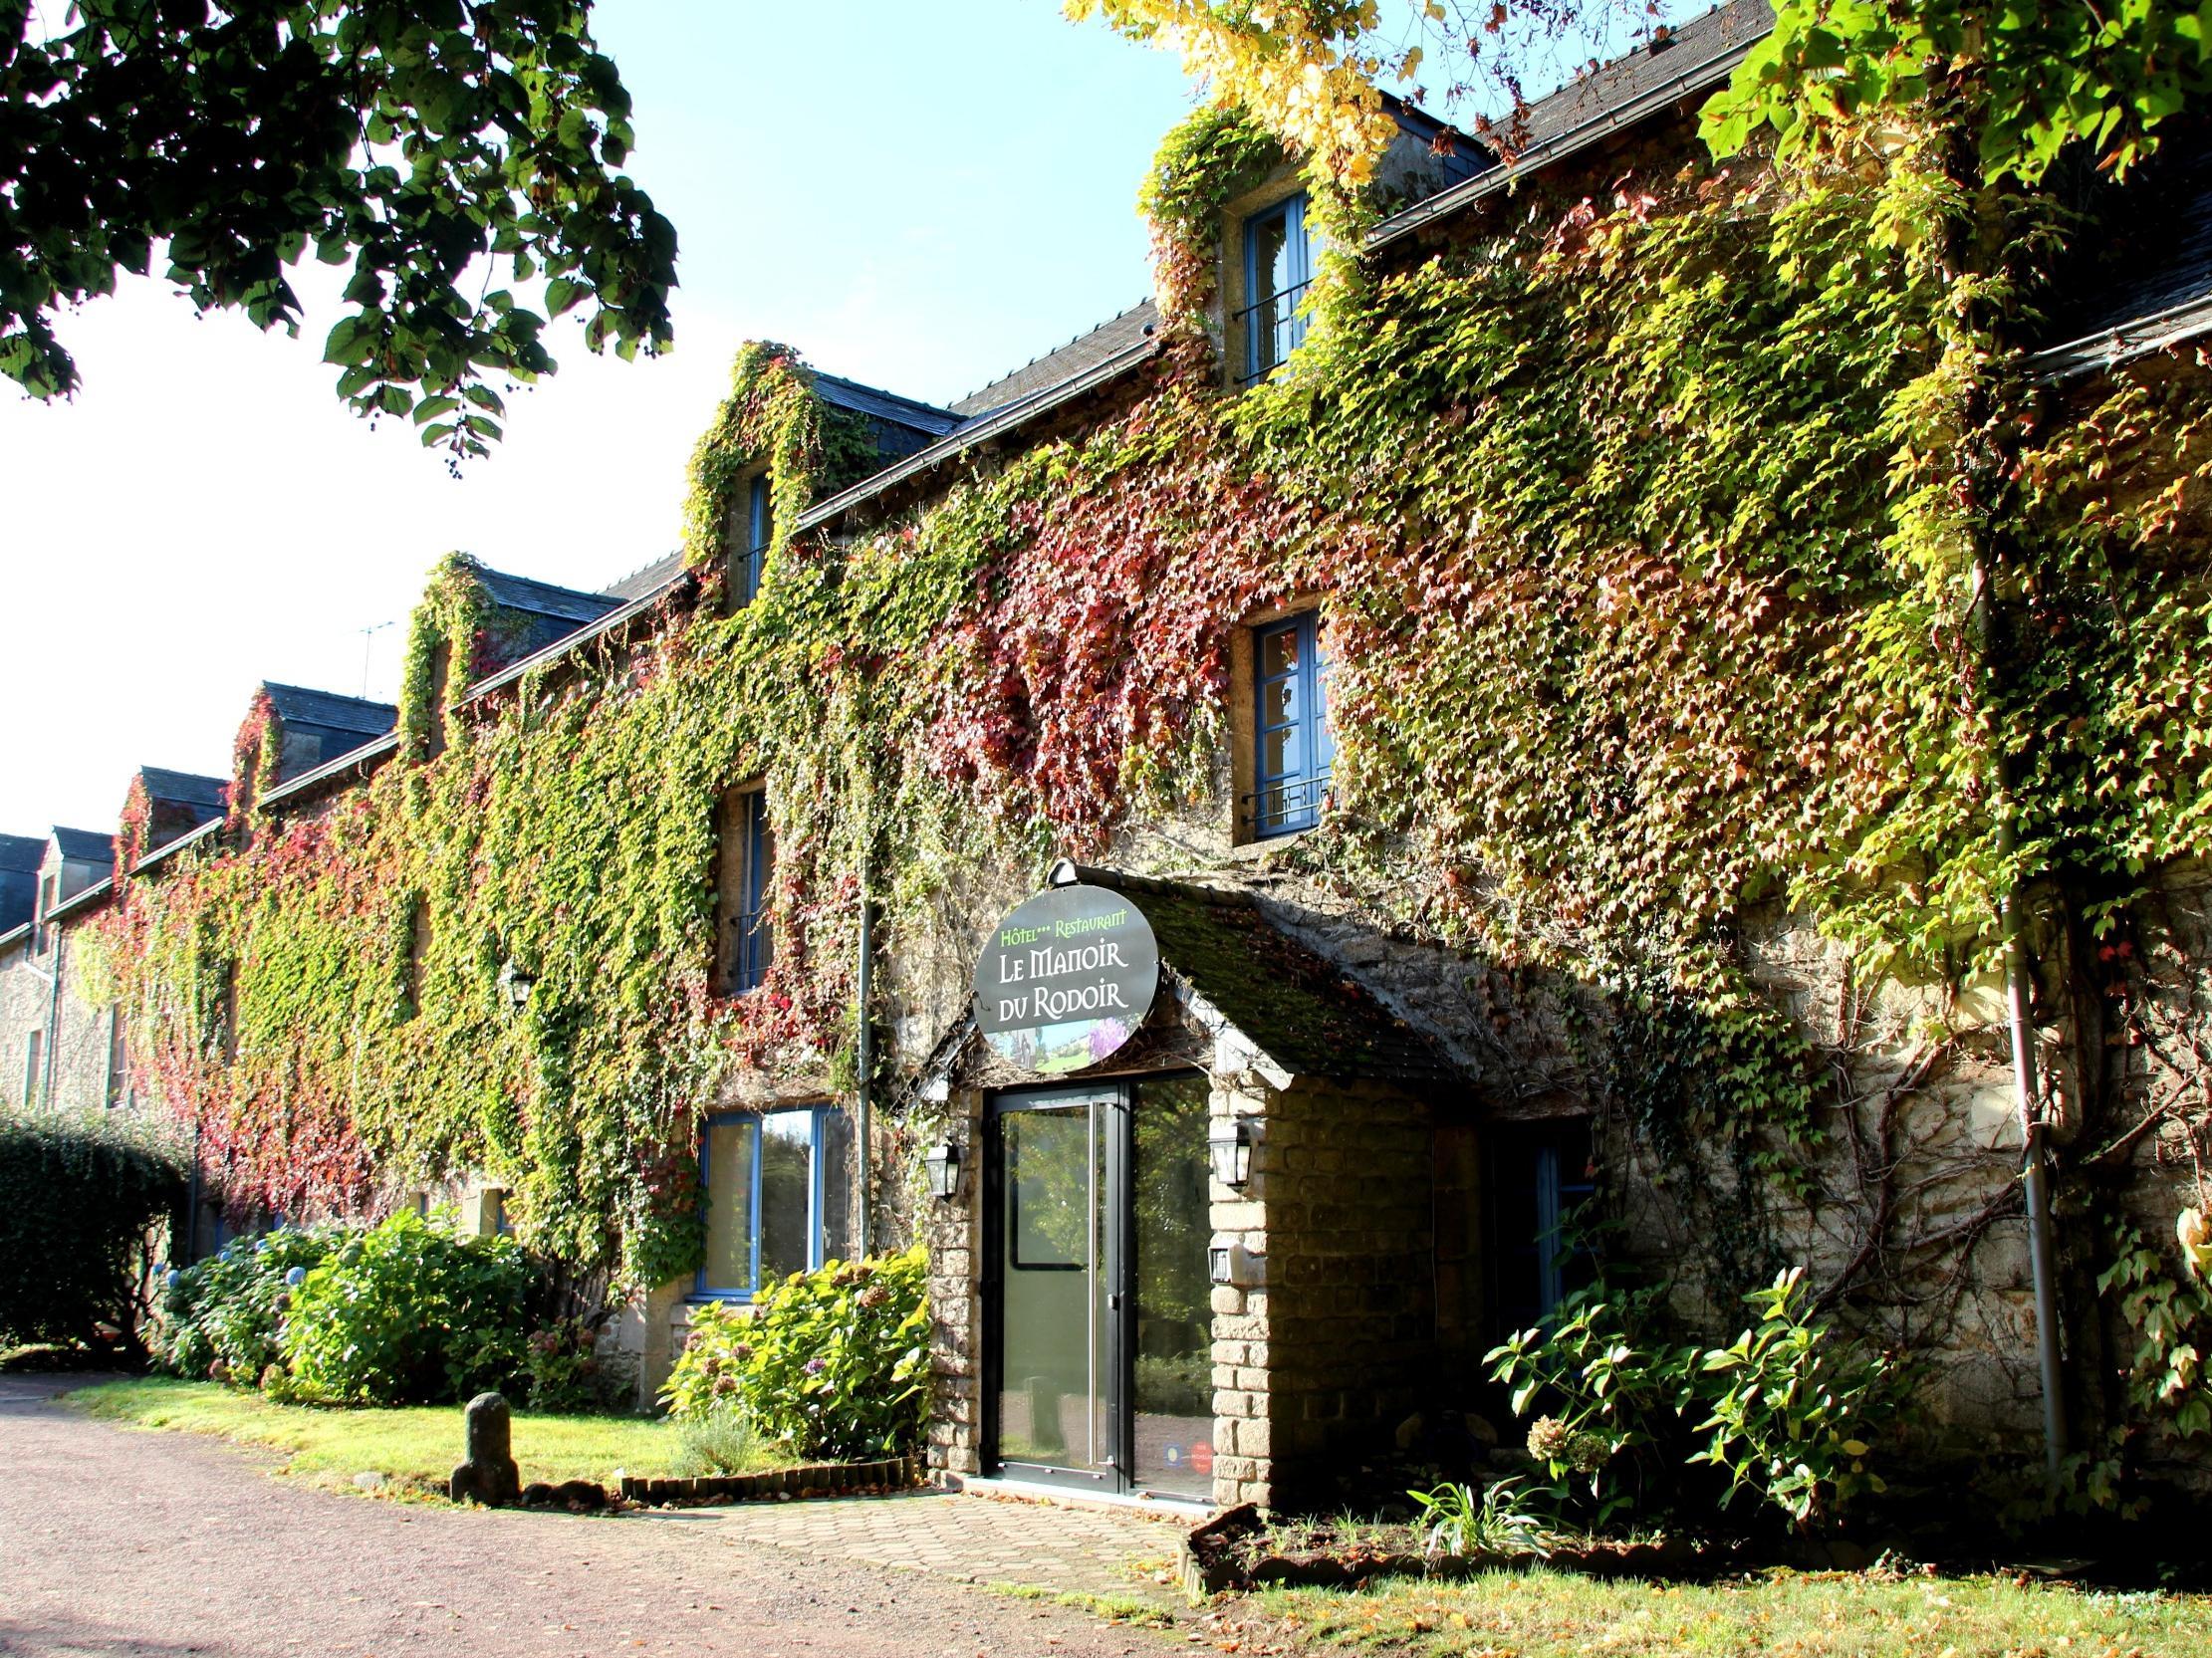 Hotel Le Manoir Du Rodoir La Roche Bernard encequiconcerne Chambre D Hote La Roche Bernard